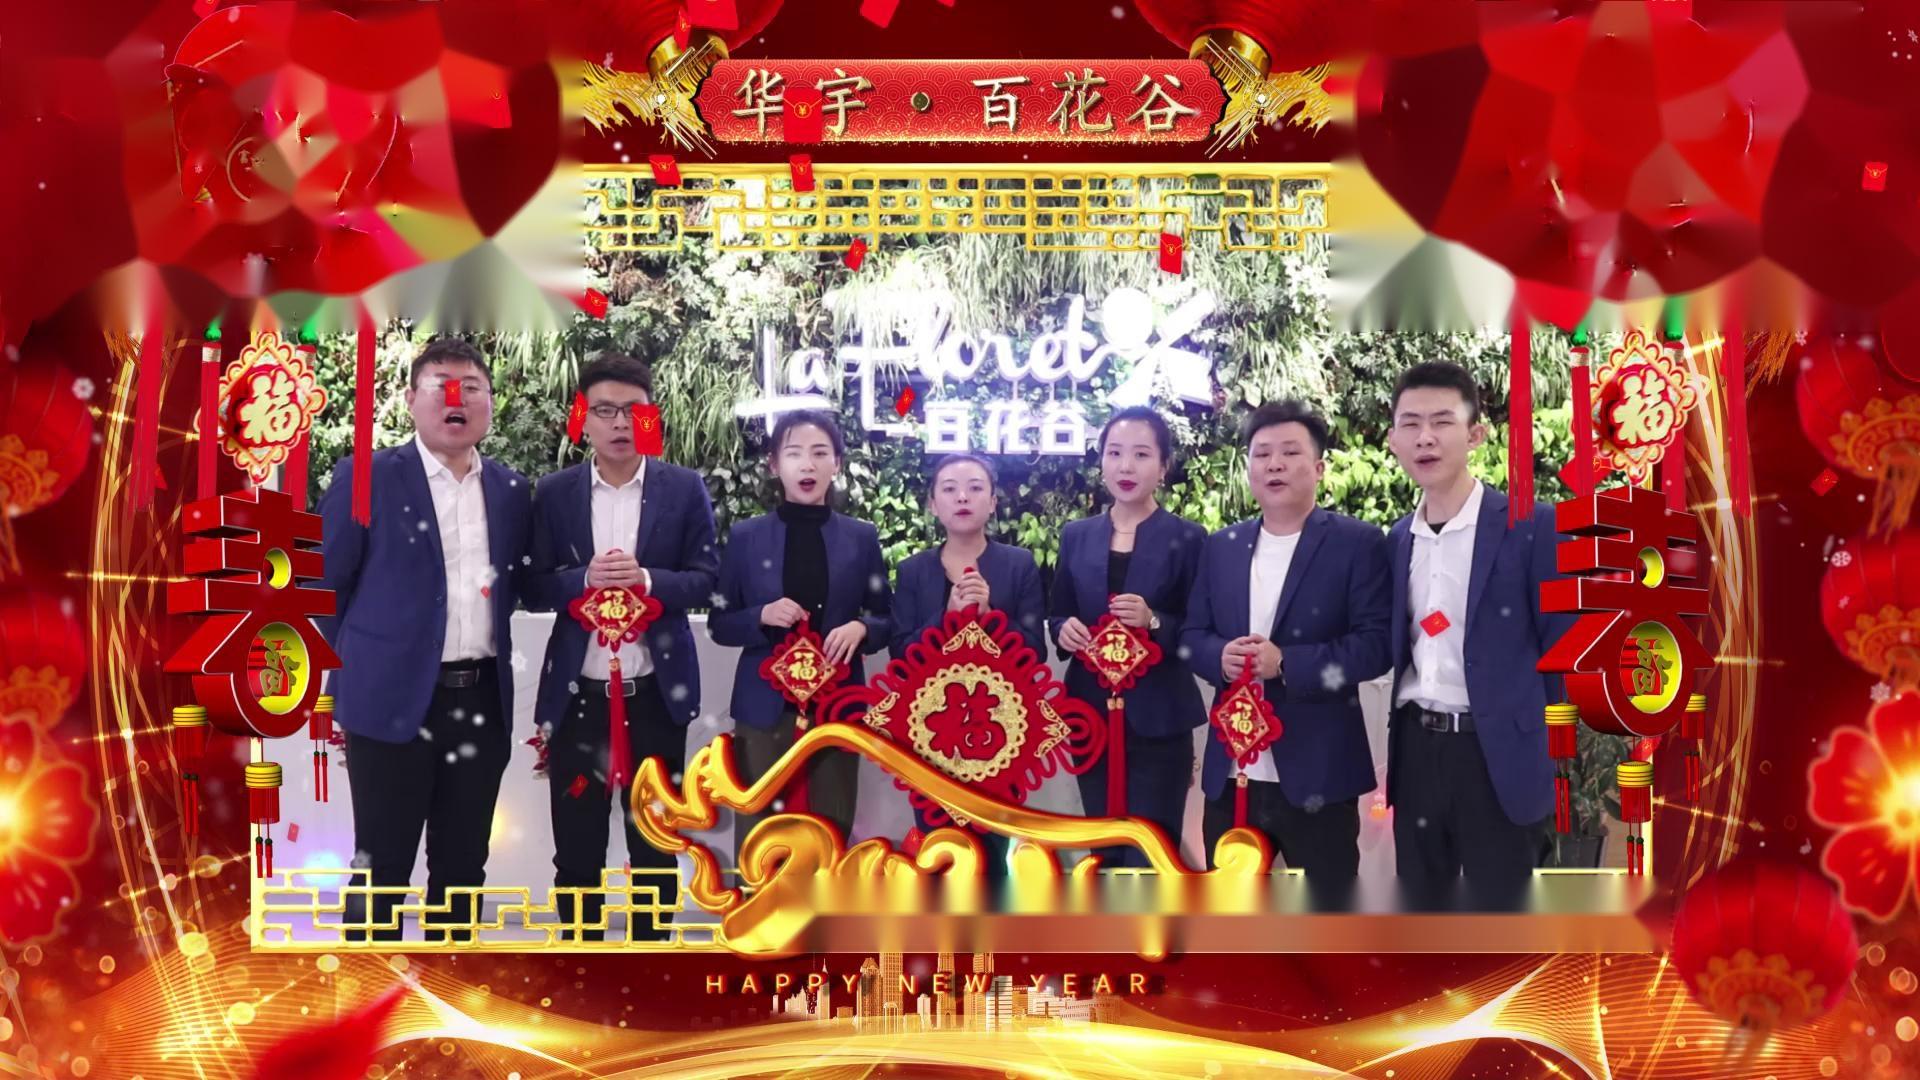 辞旧迎新的时刻 华宇百花谷2021新春大拜年!